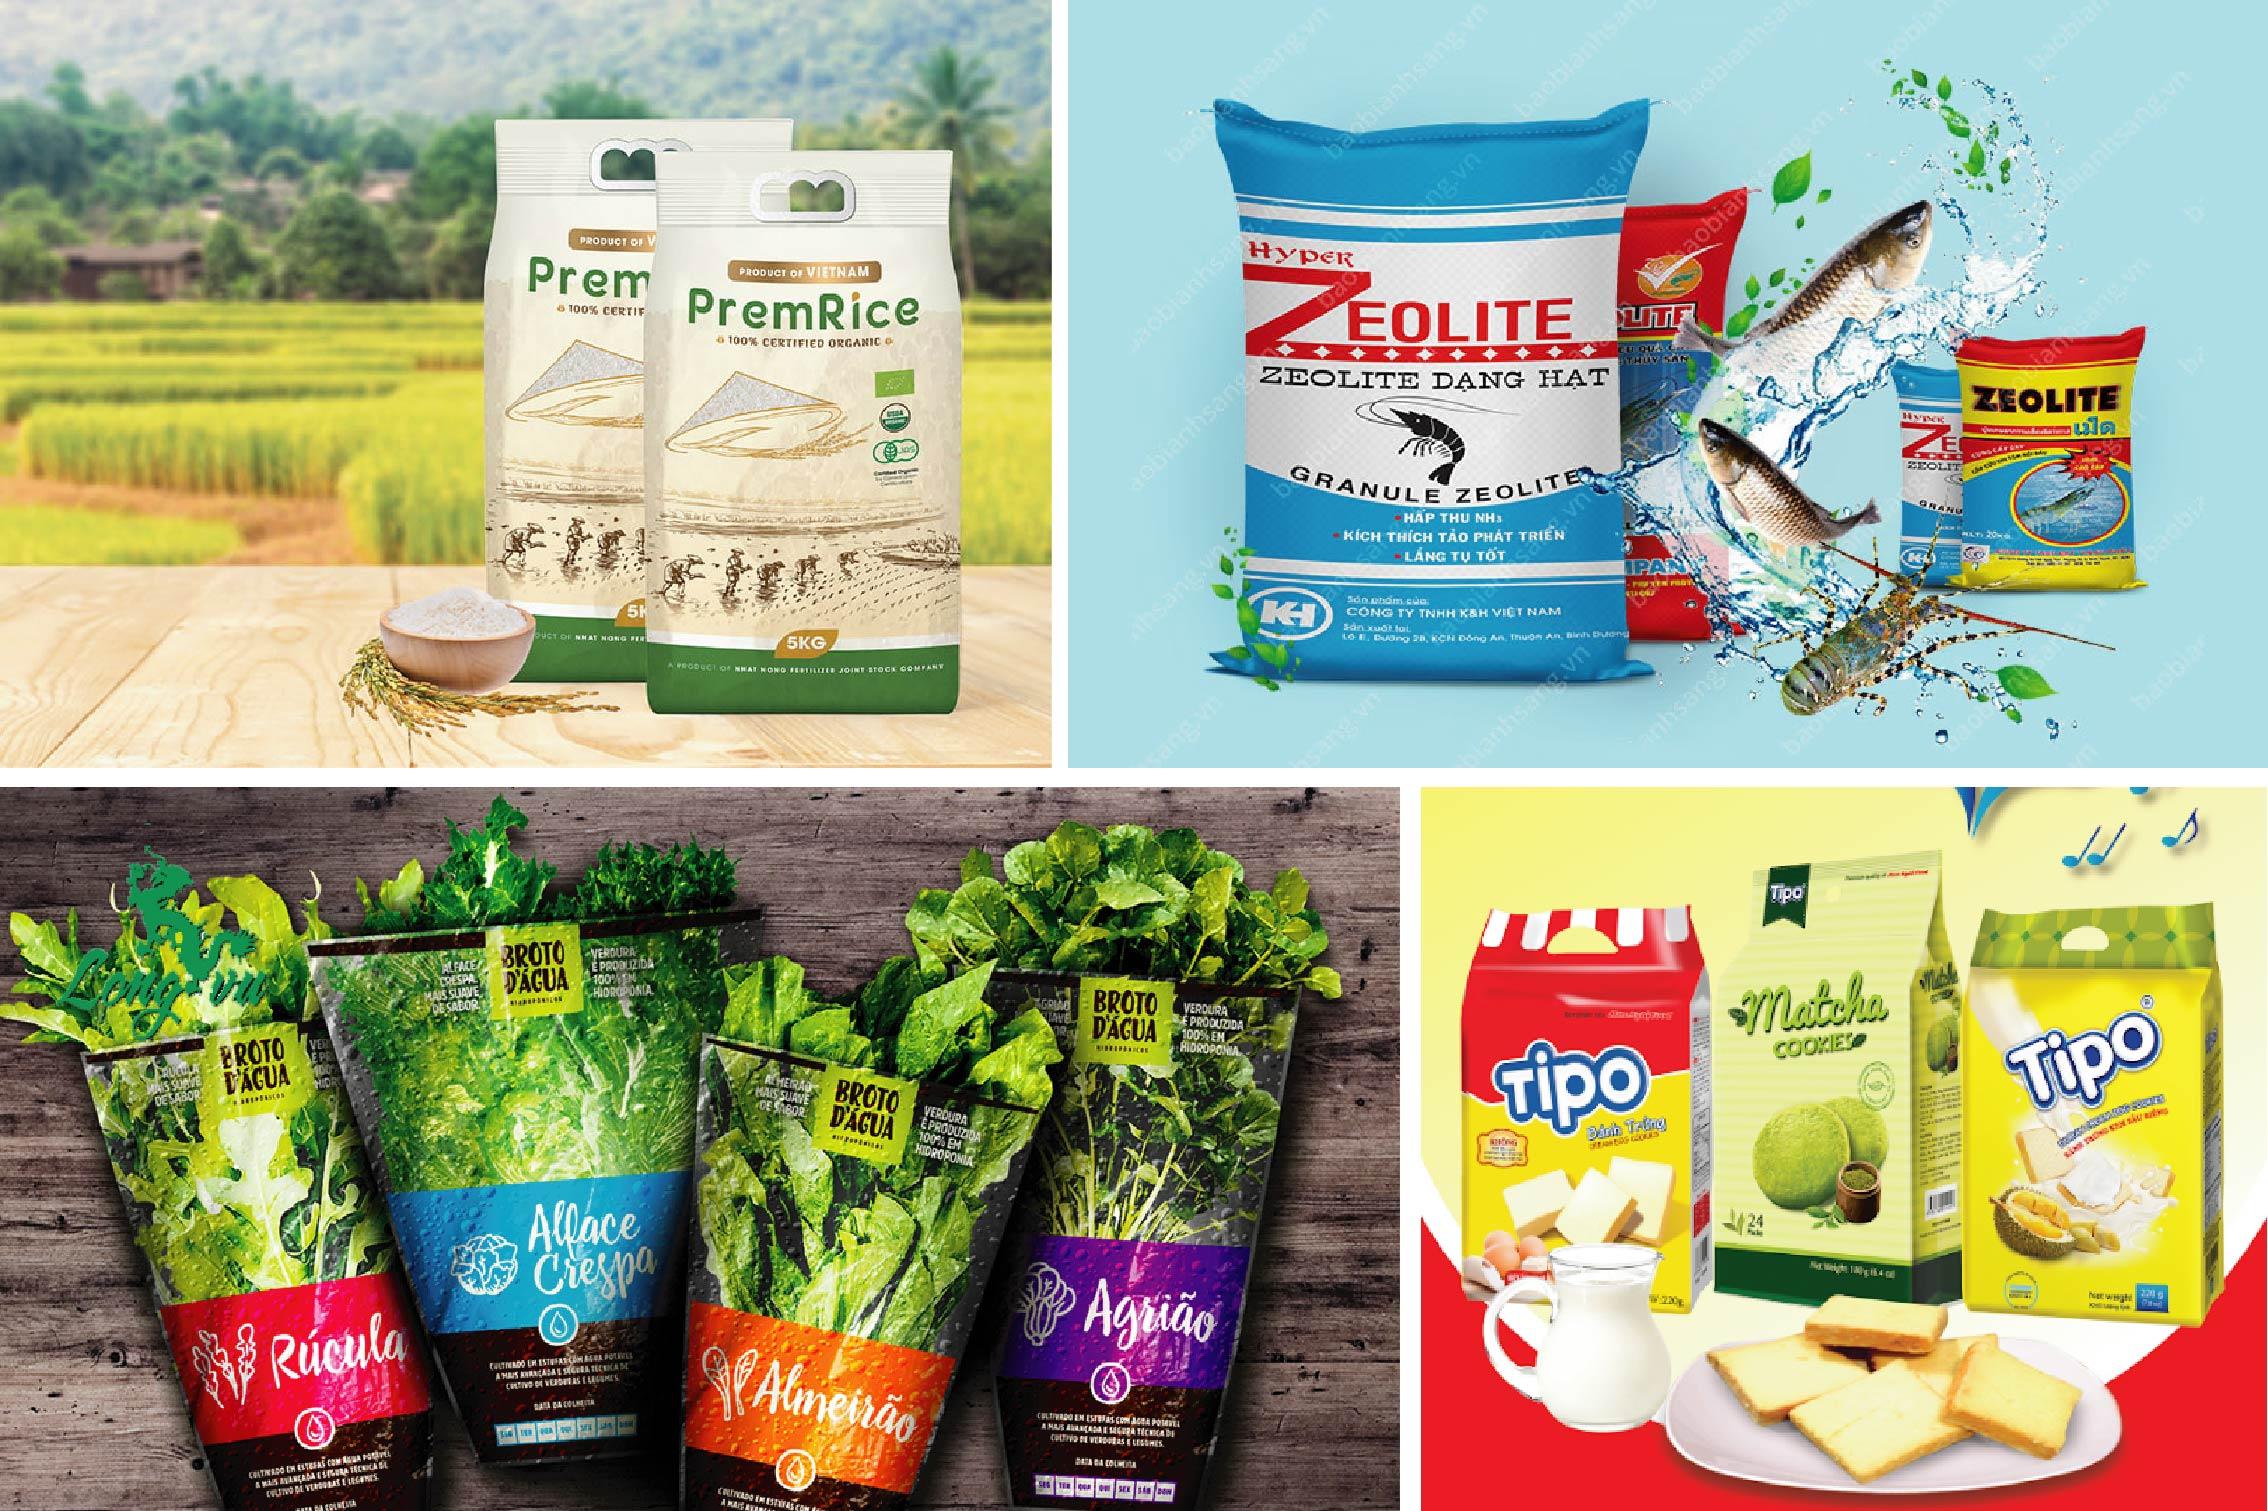 Bao bì sản phẩm đóng vai trò rất lớn trong kinh doanh - công ty xuất khẩu bao bì